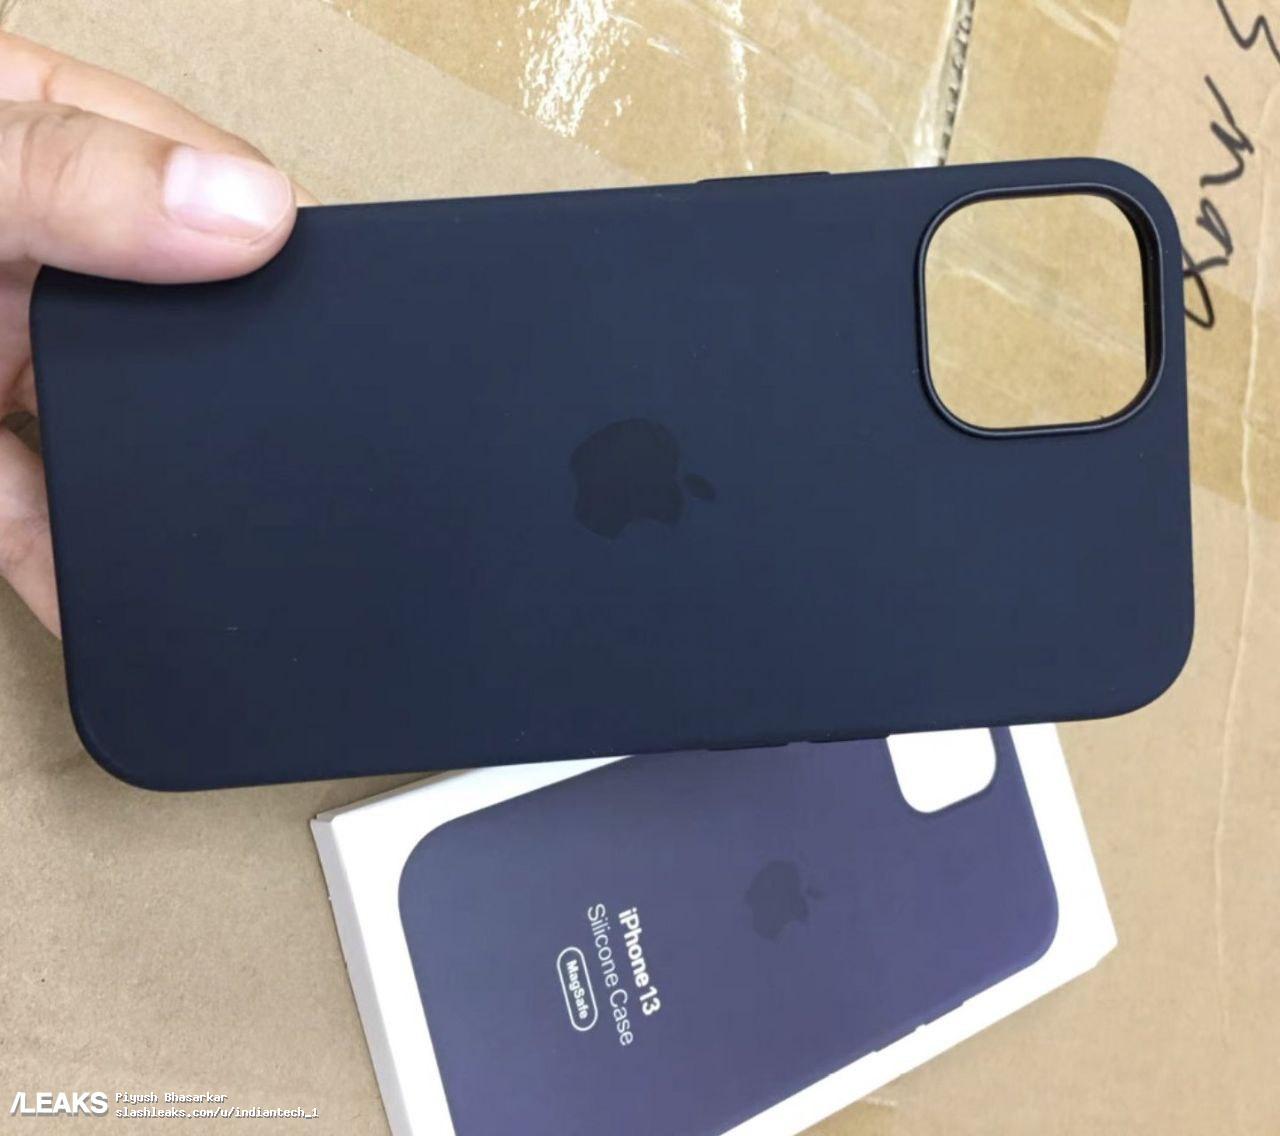 W sieci pojawiły się zdjęcia oryginalnych etui Apple do iPhone 13 ciekawostki silikonowe etui firmy apple, silikonowe etui do iphone 13, iPhone 13 Pro, iPhone 13, Apple  Serwis Slashleaks opublikował nowe zdjęcia silikonowych etui firmy Apple na smartfony z linii iPhone 13. Zobaczcie je wszystkie już teraz. iP13 etui 1